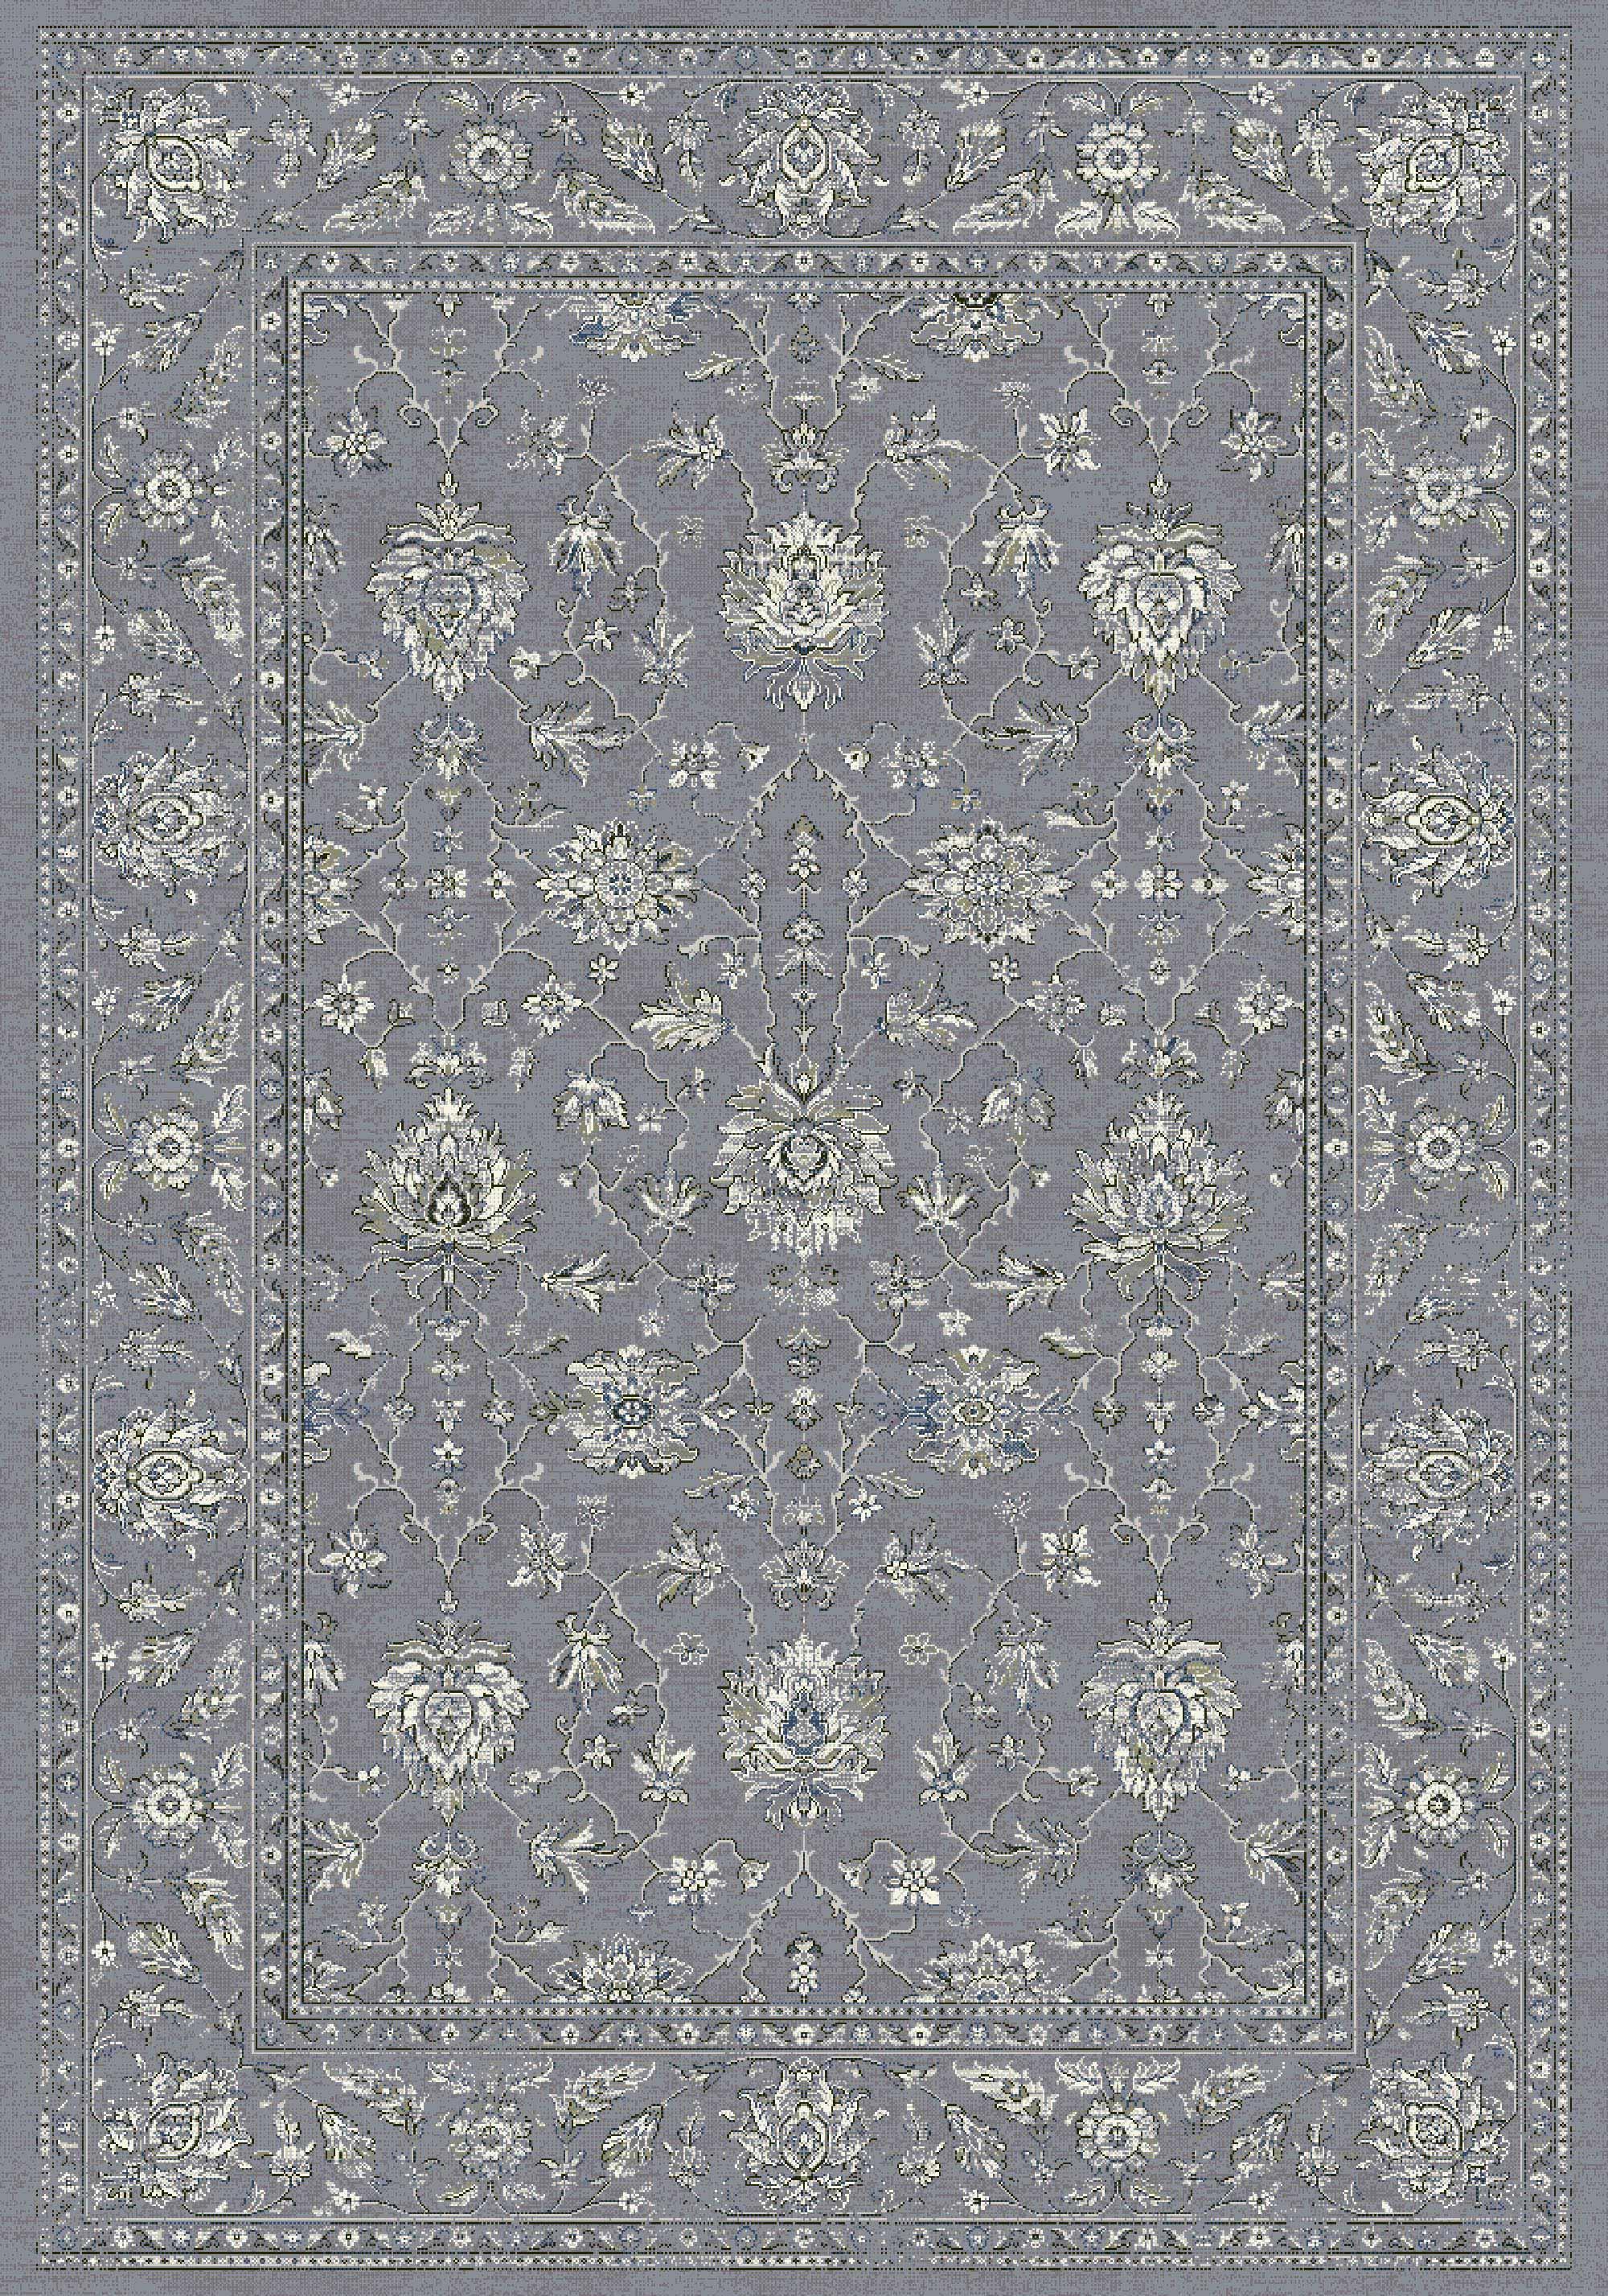 Da Vinci Rug 0142-5656